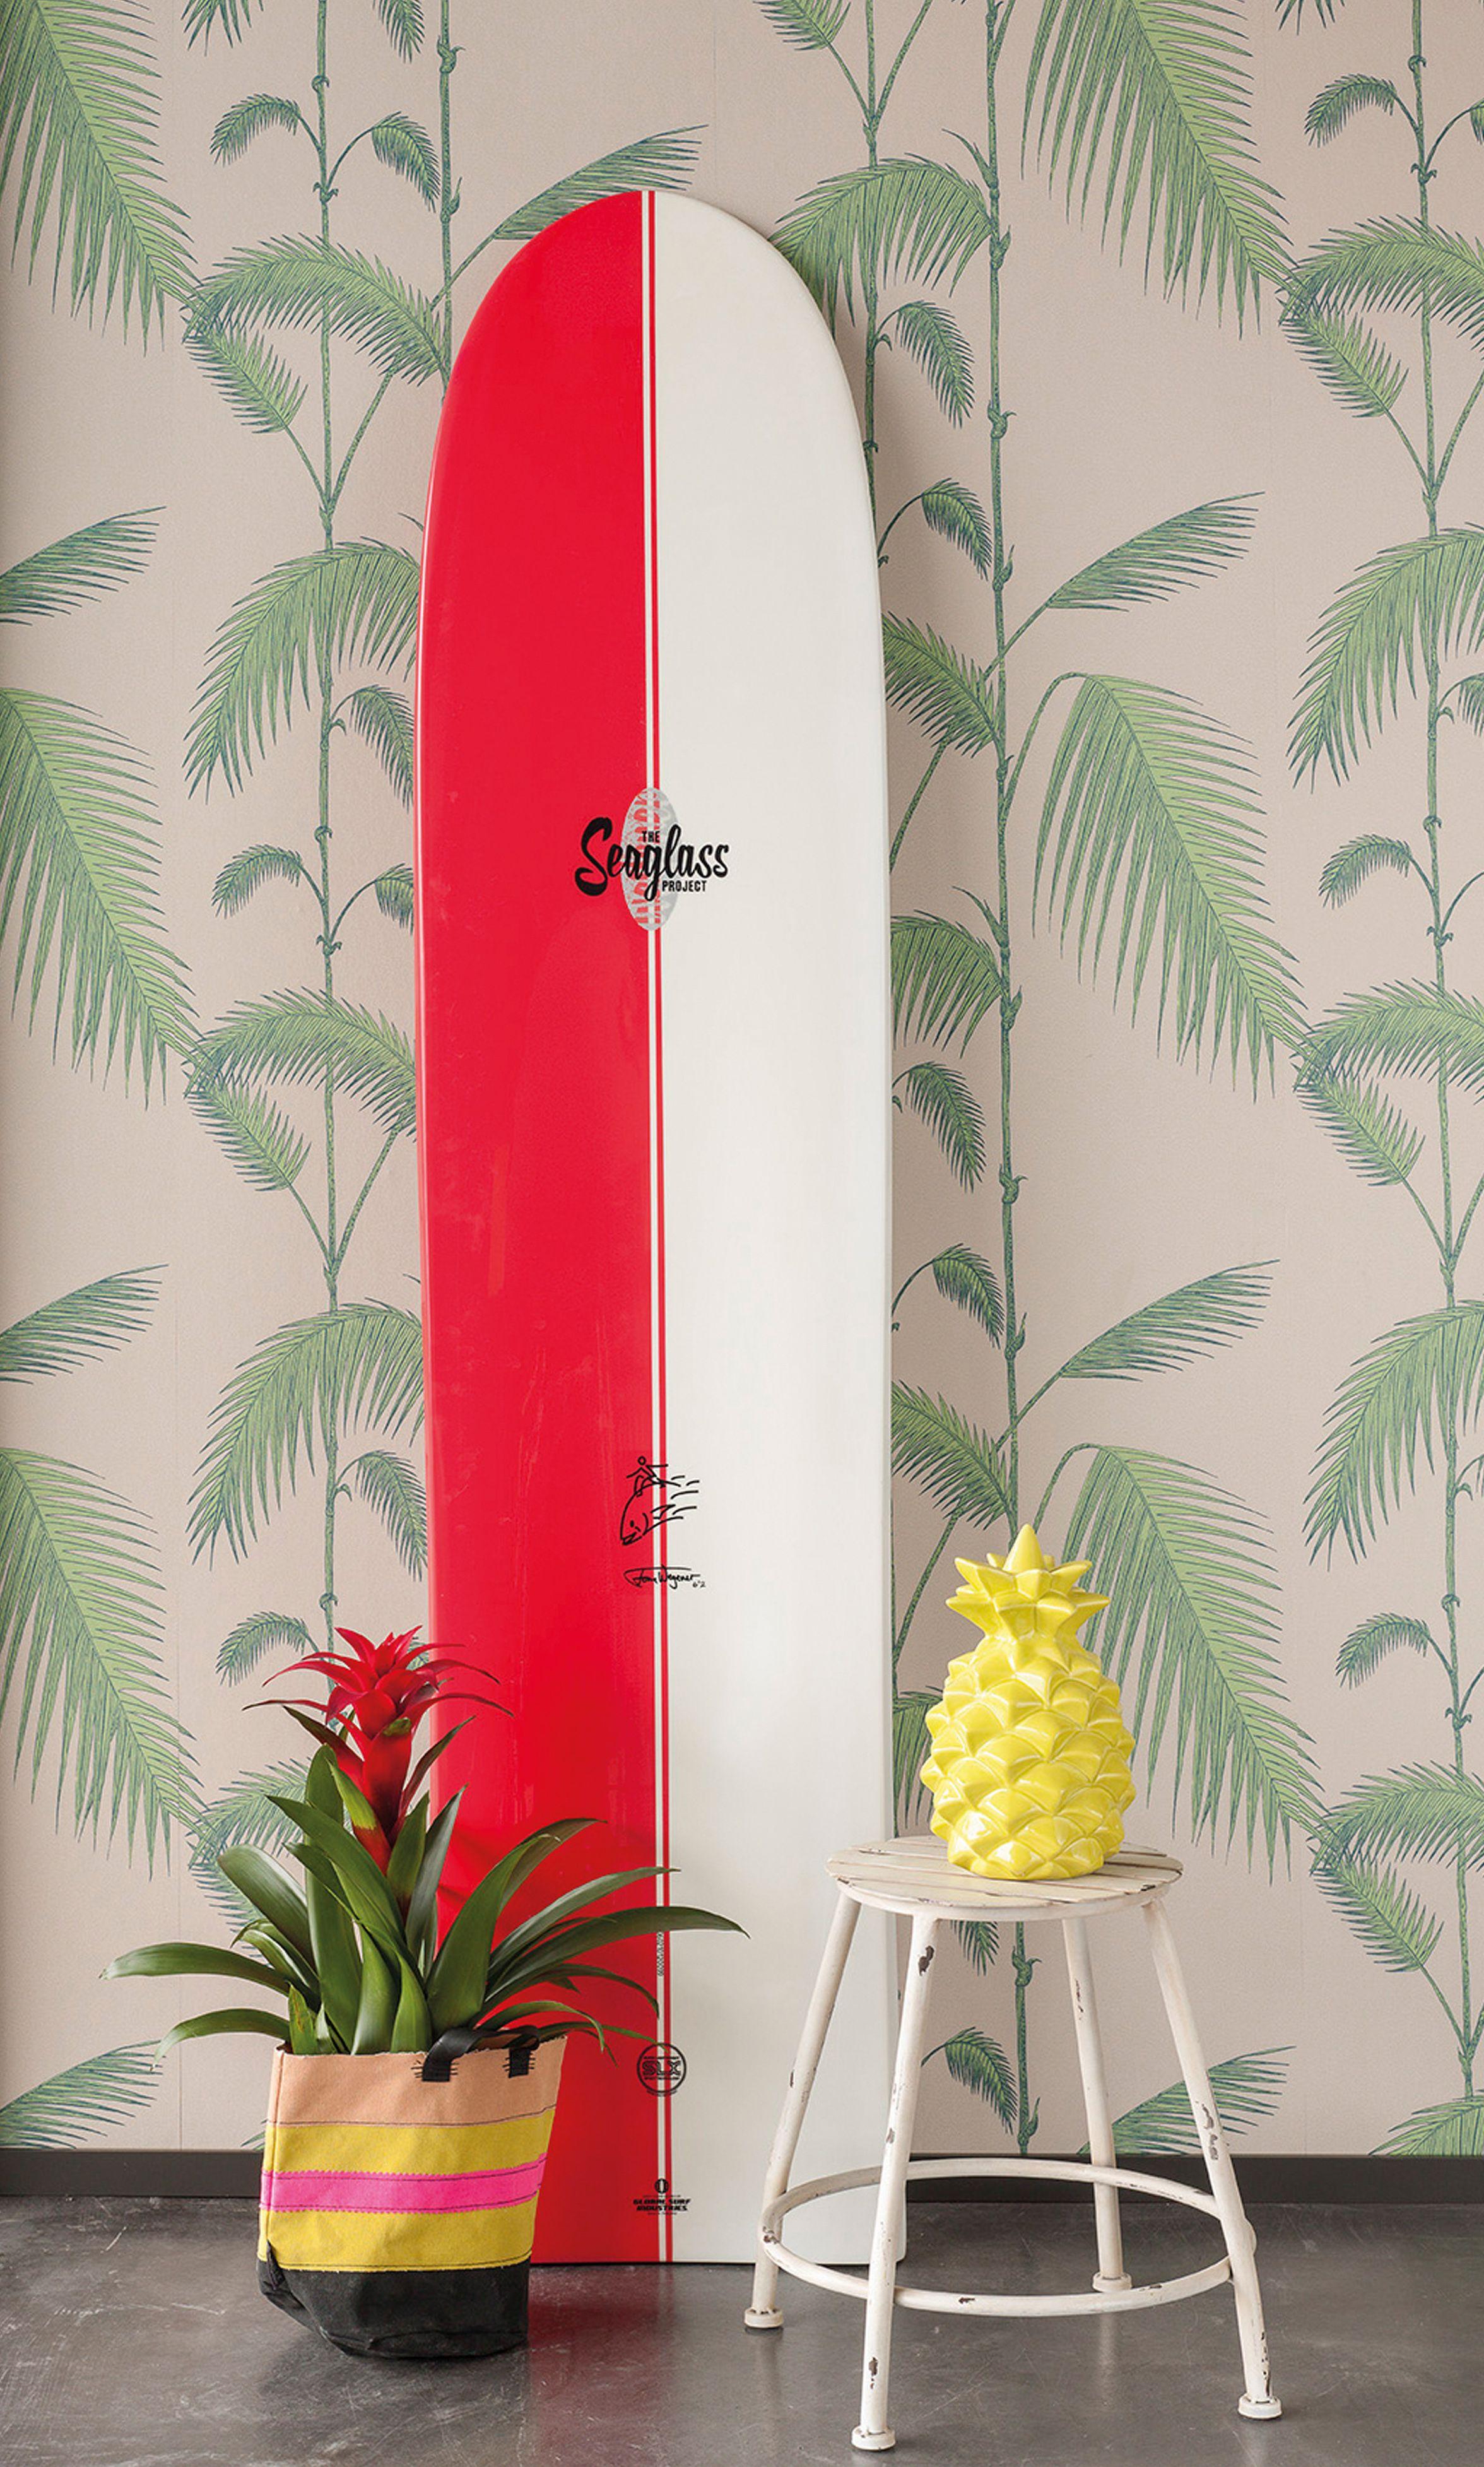 Deko Pineapple Surfboard Club Tropicana Indoor Ideas Furnishing